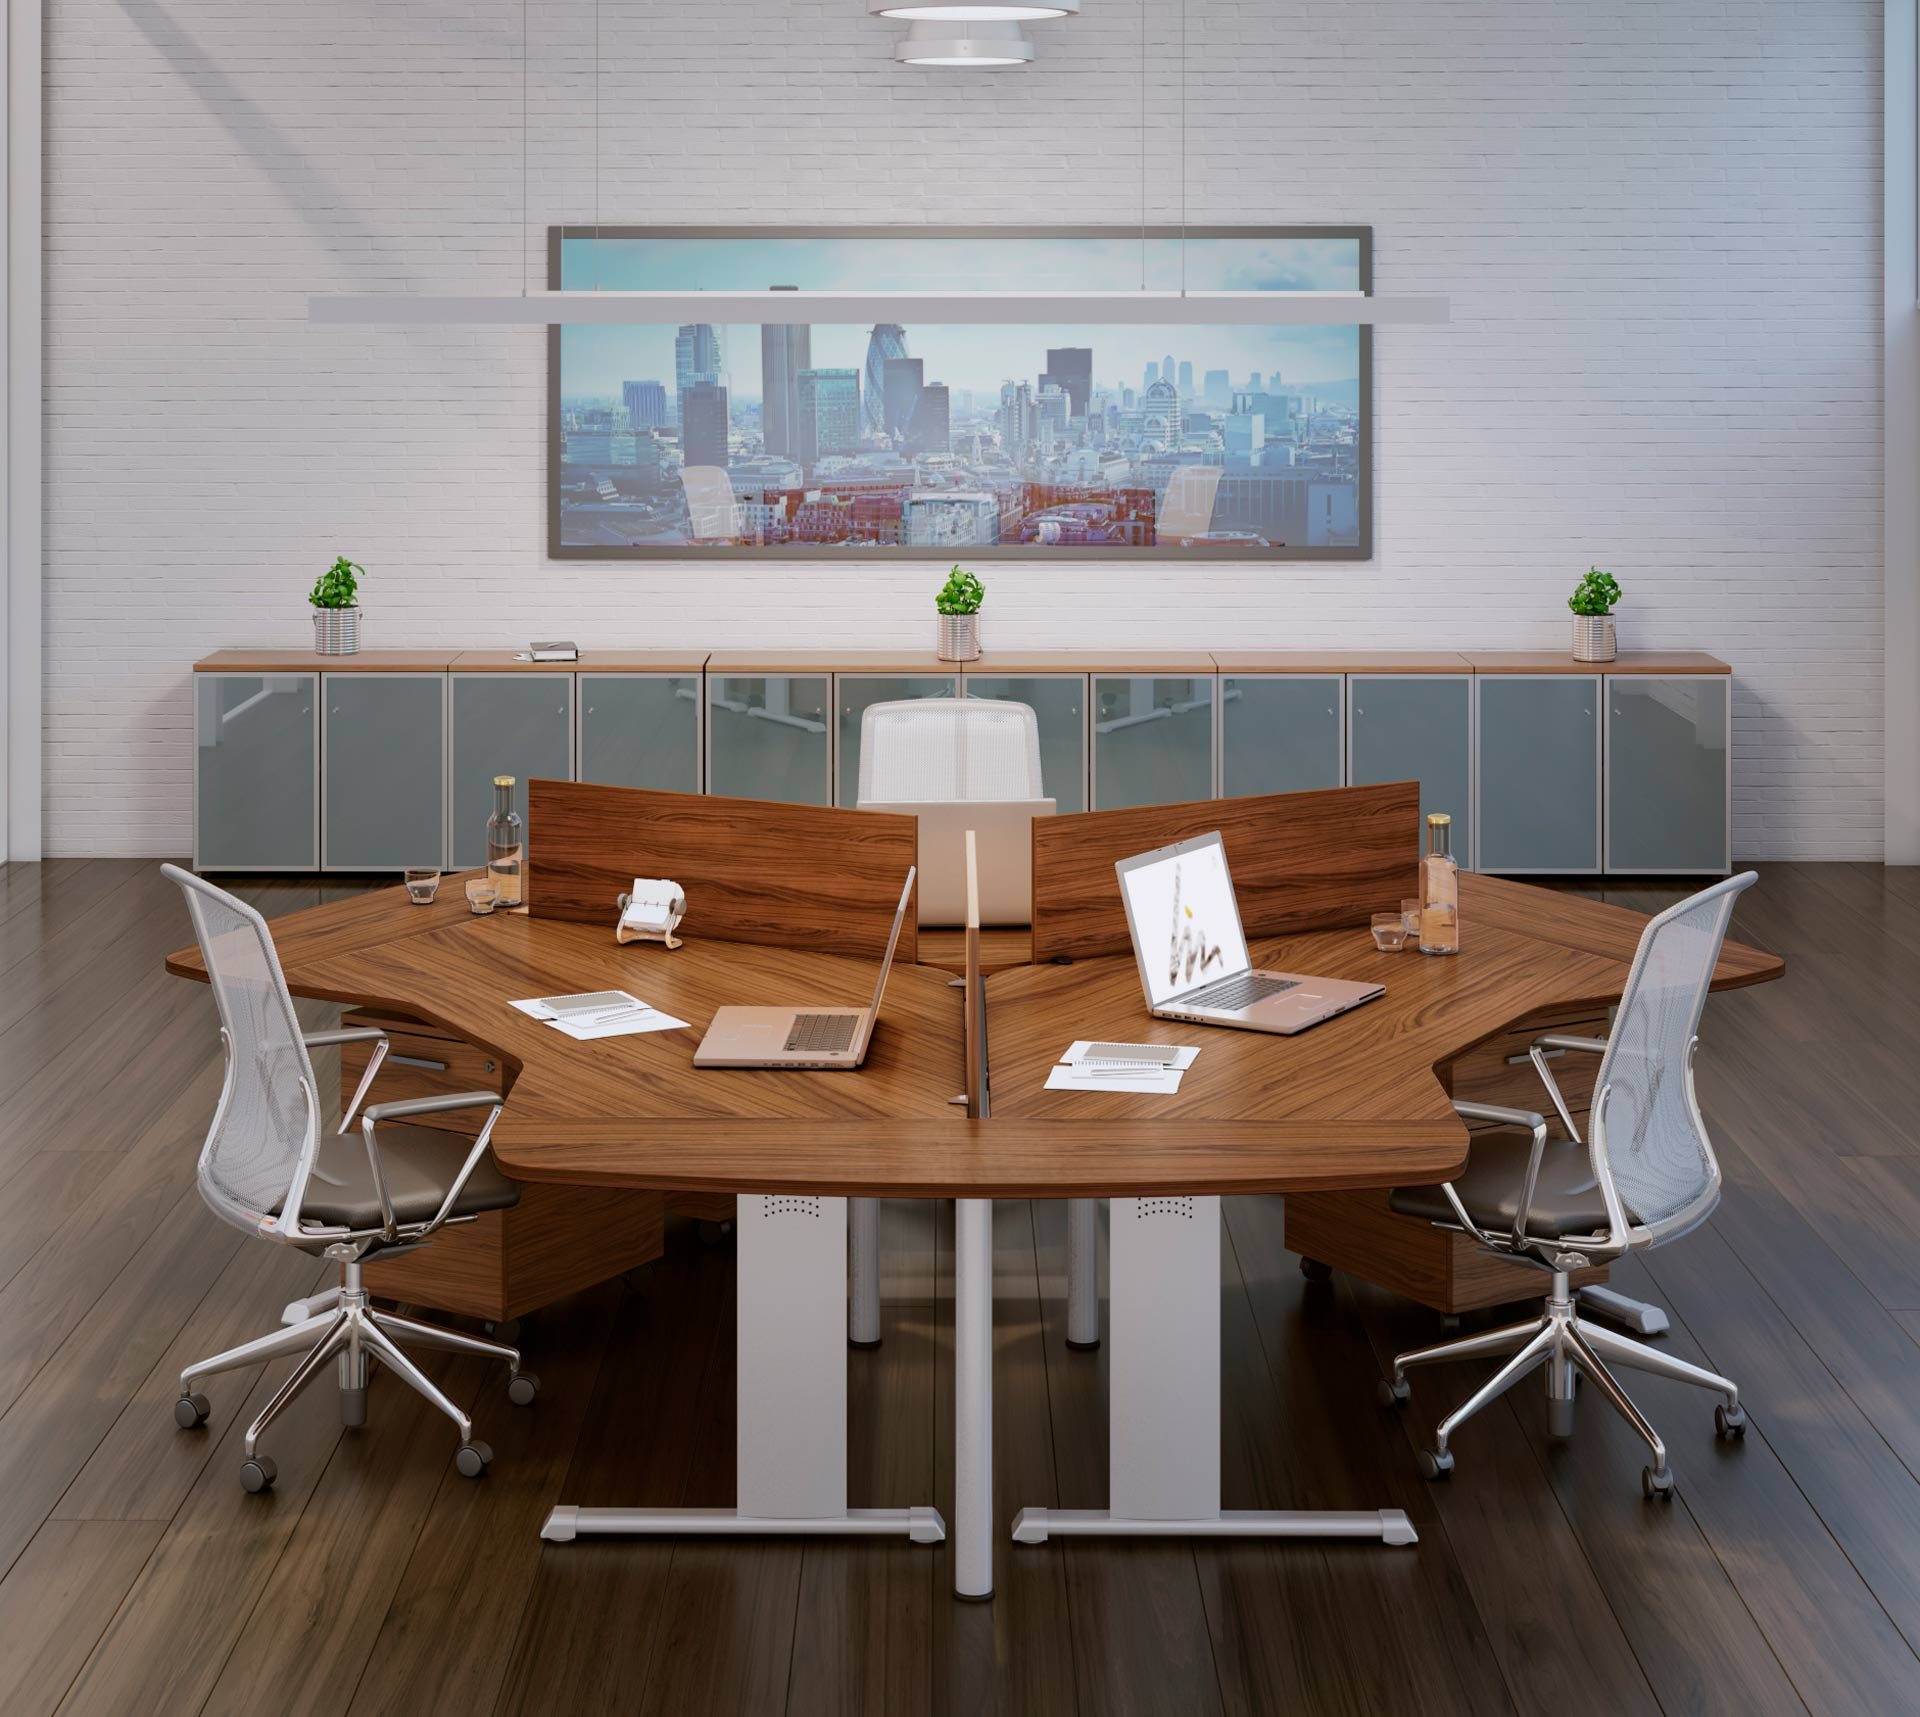 Mesa de Oficina Hydra Multipuestos - Clásica y atemporal - Limobel Inwo